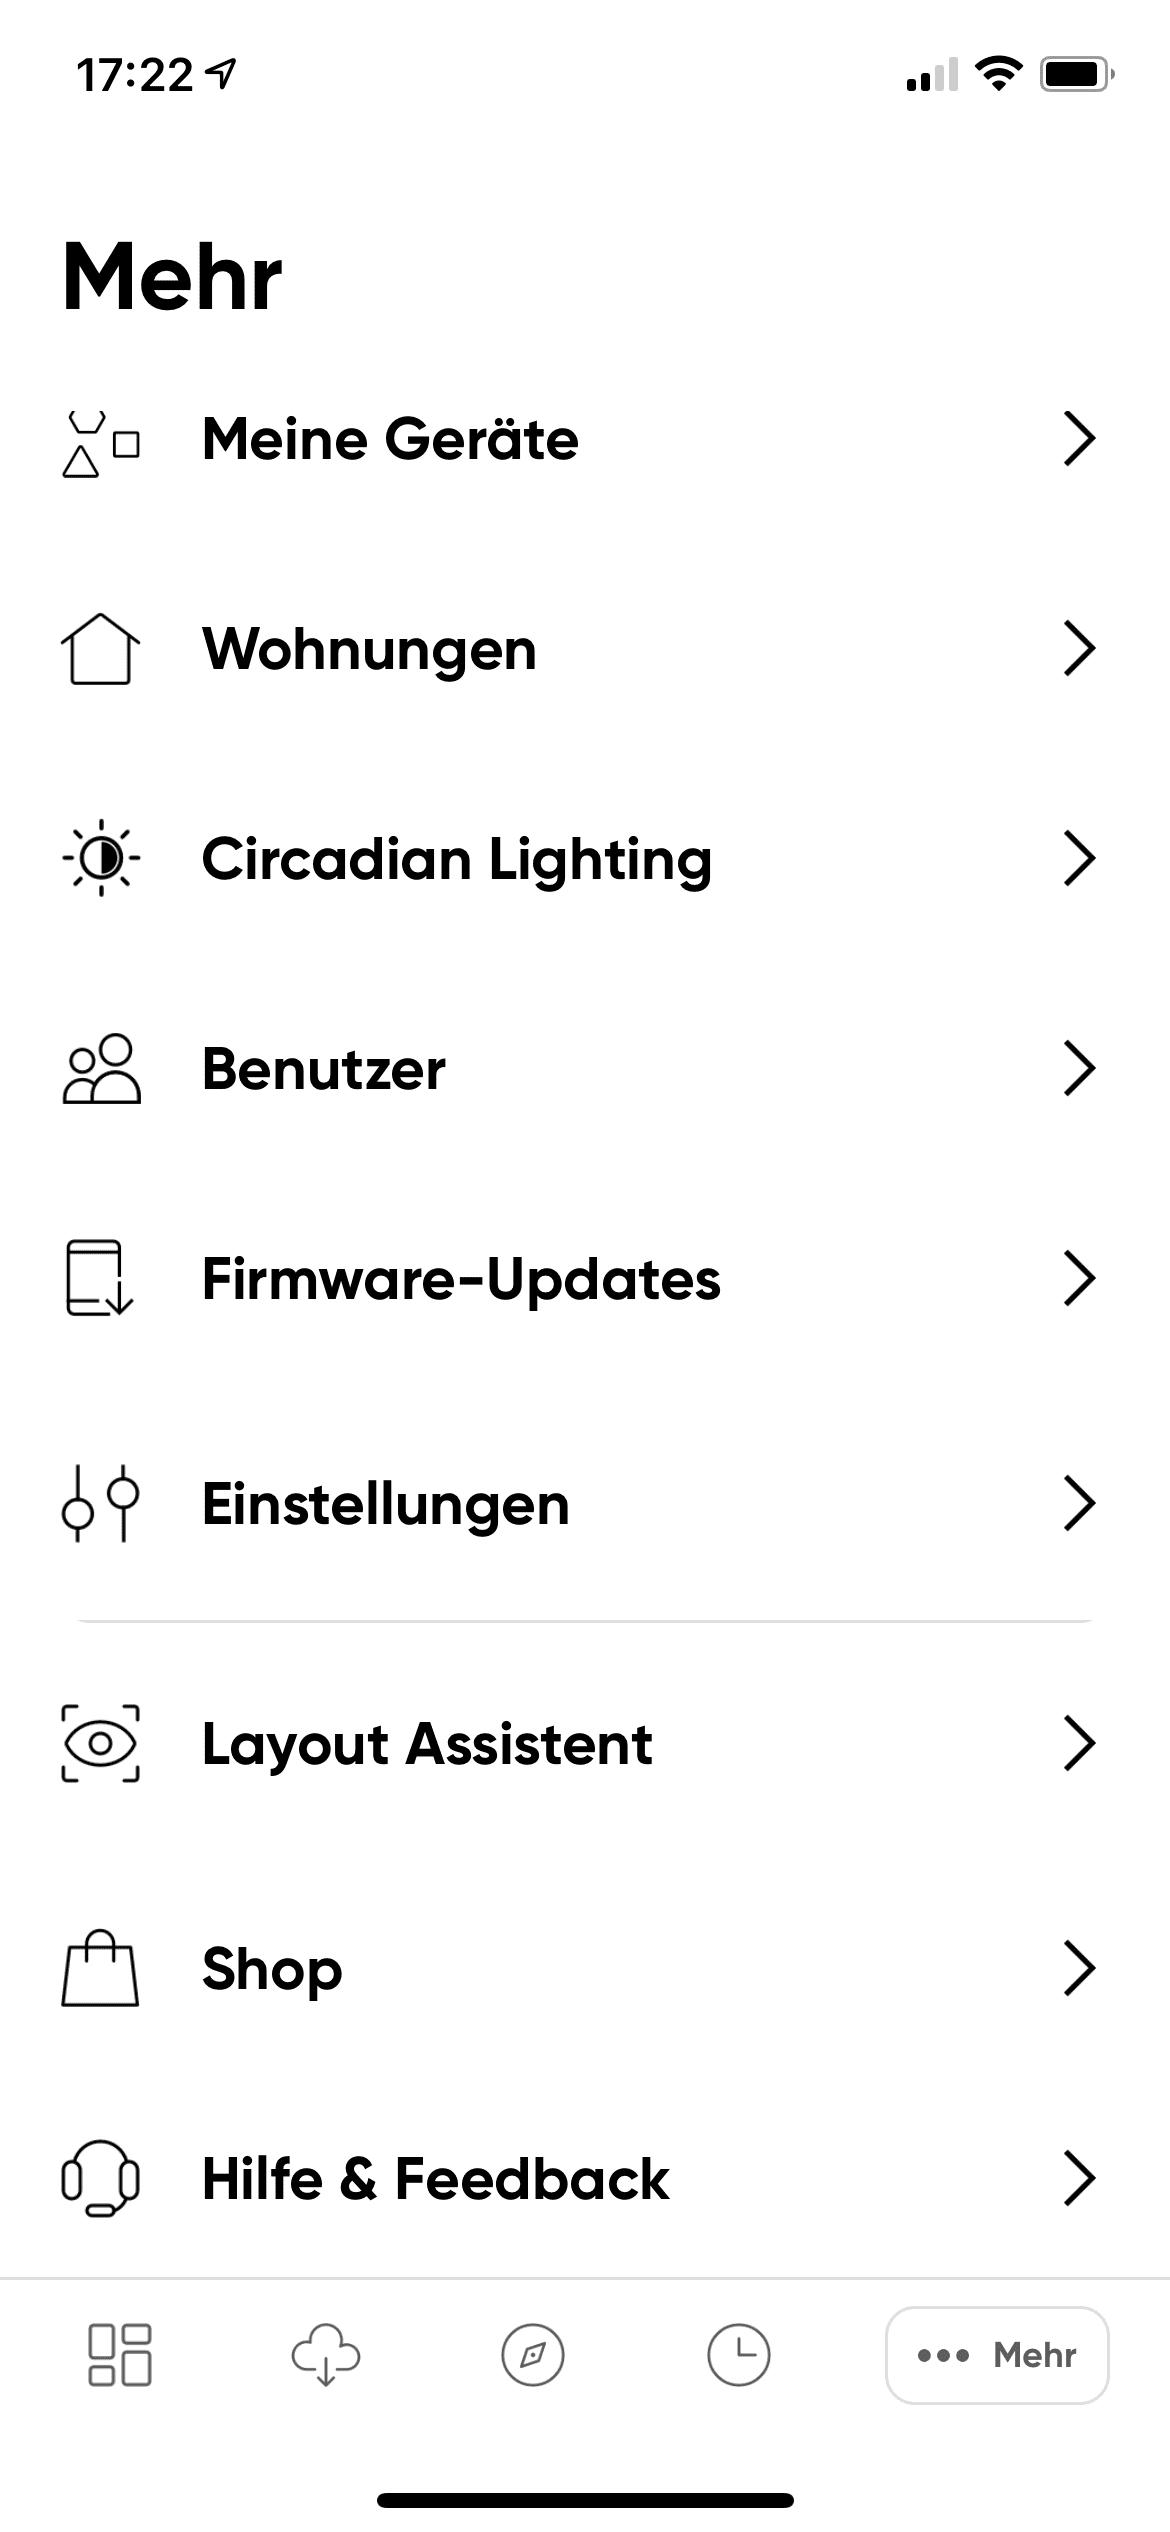 Nanoleaf App Layout Assistent